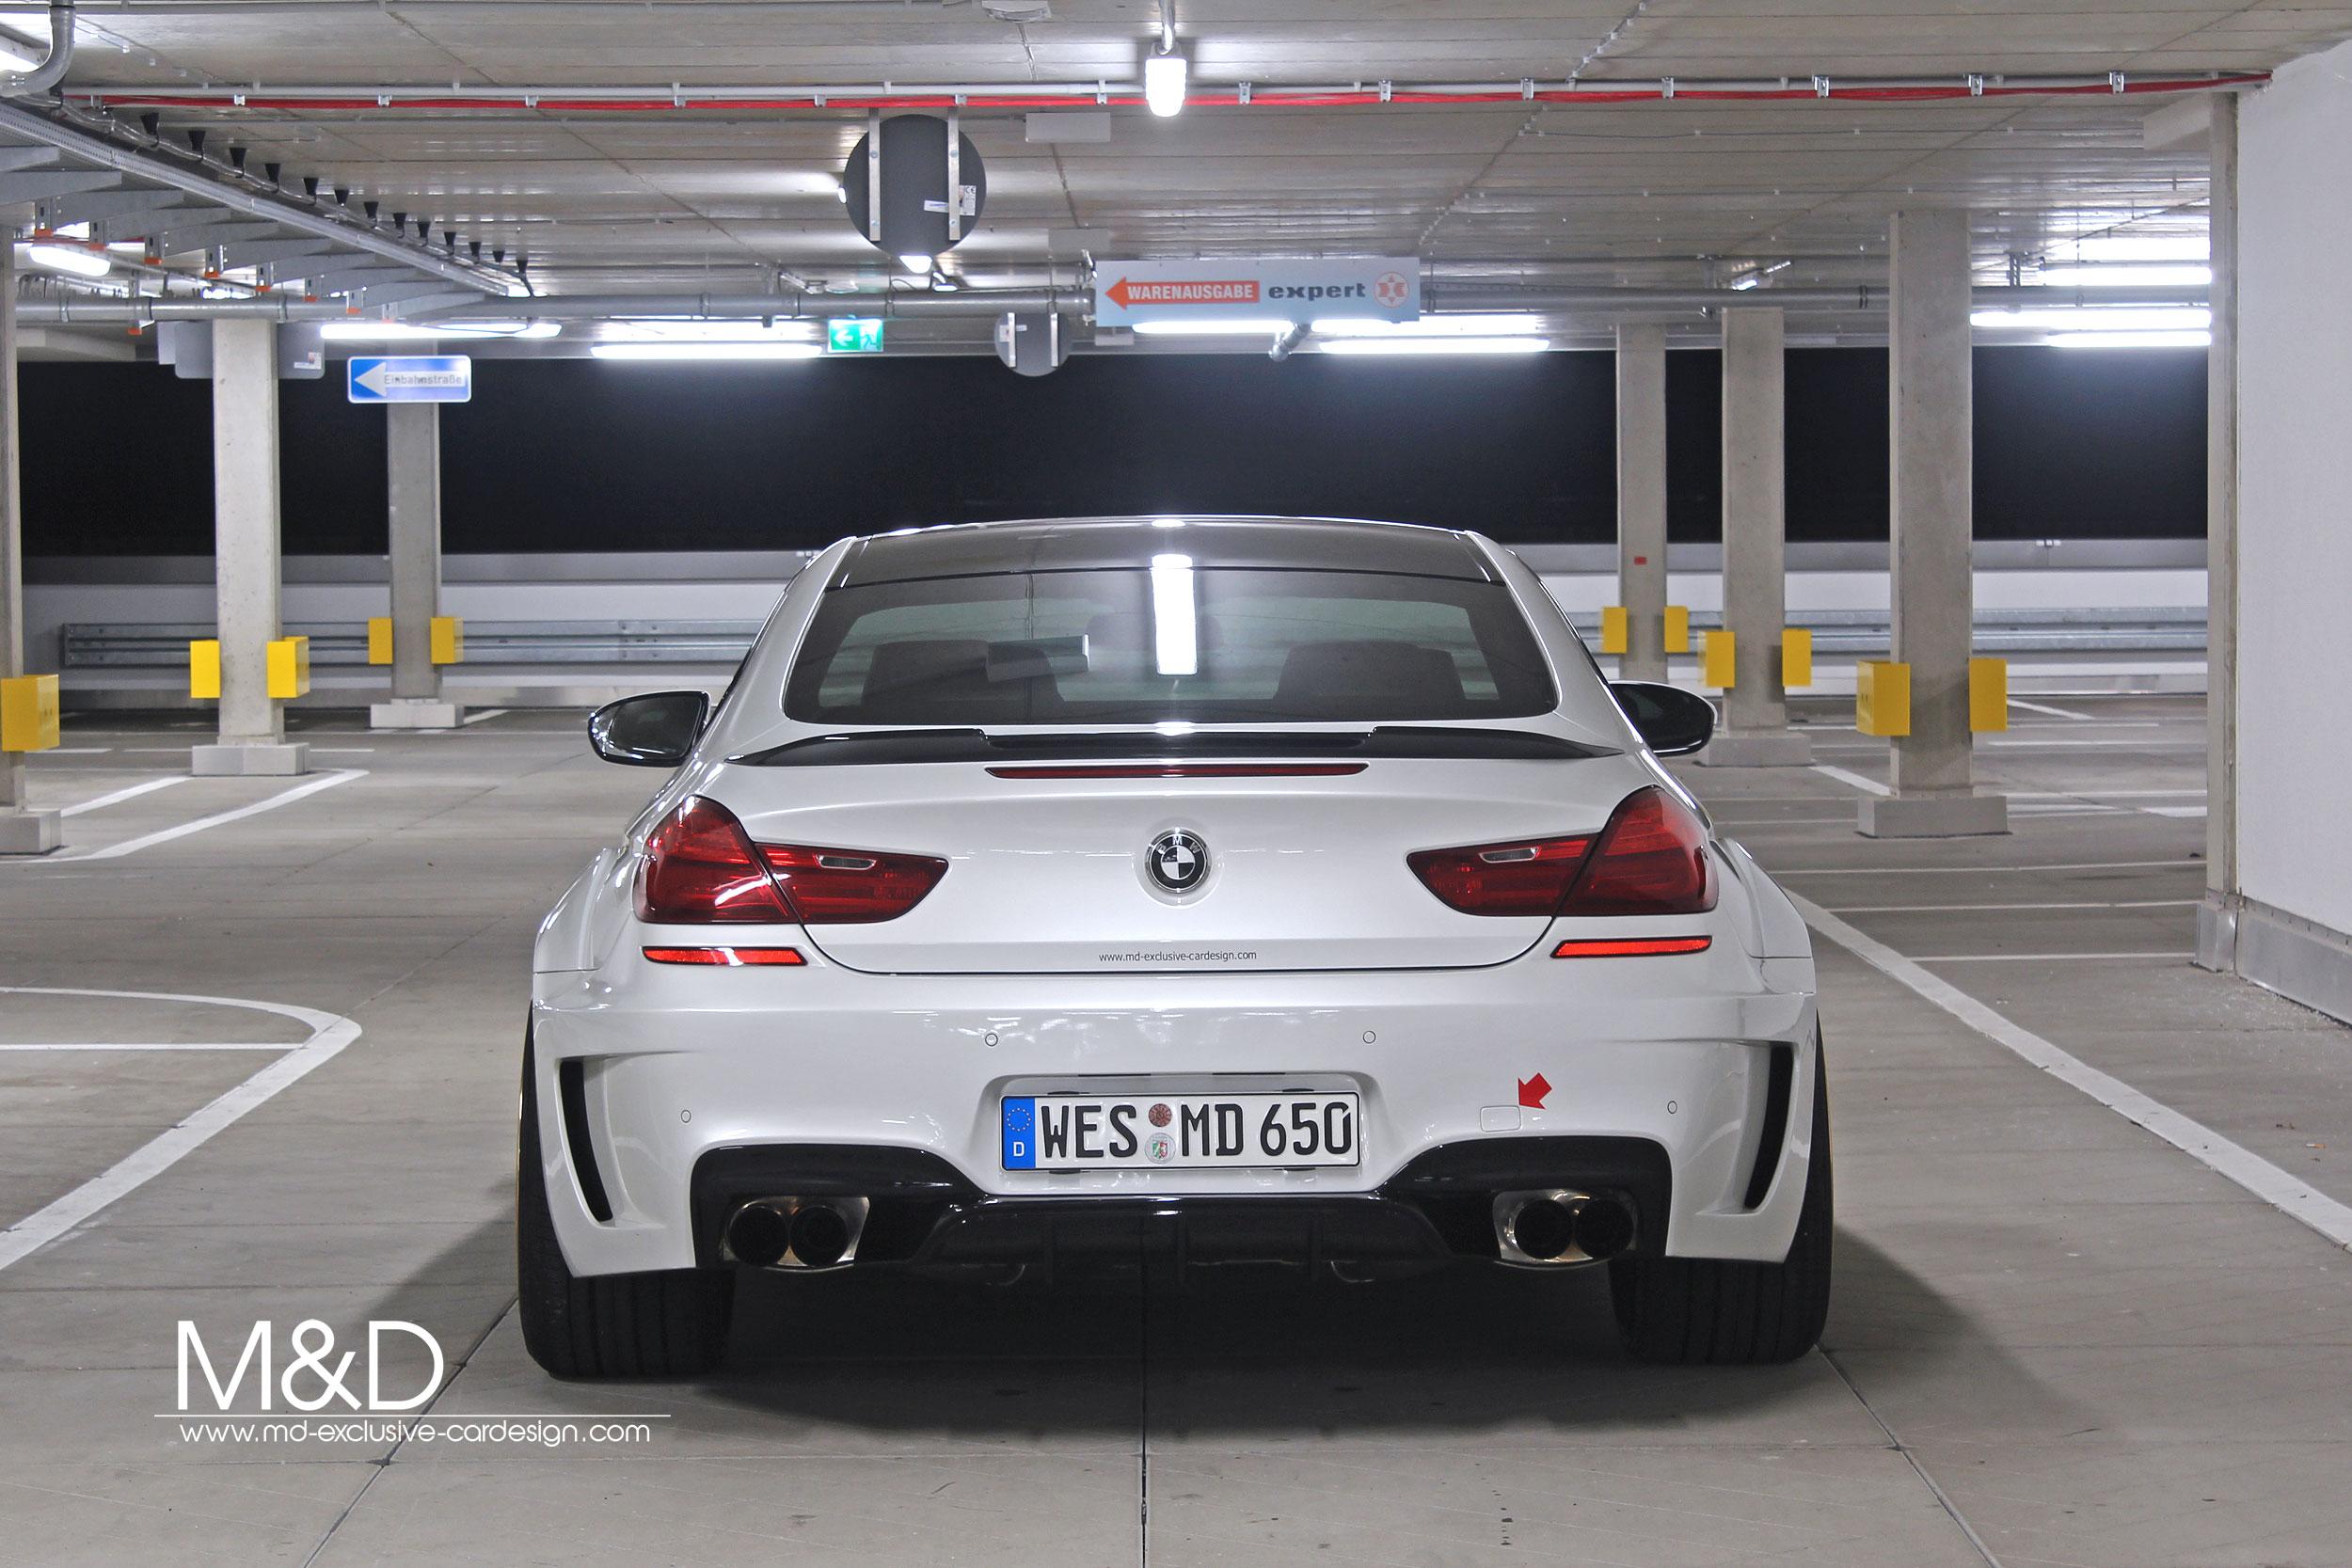 BMW 650i Coupé PD6XX Hinterteil